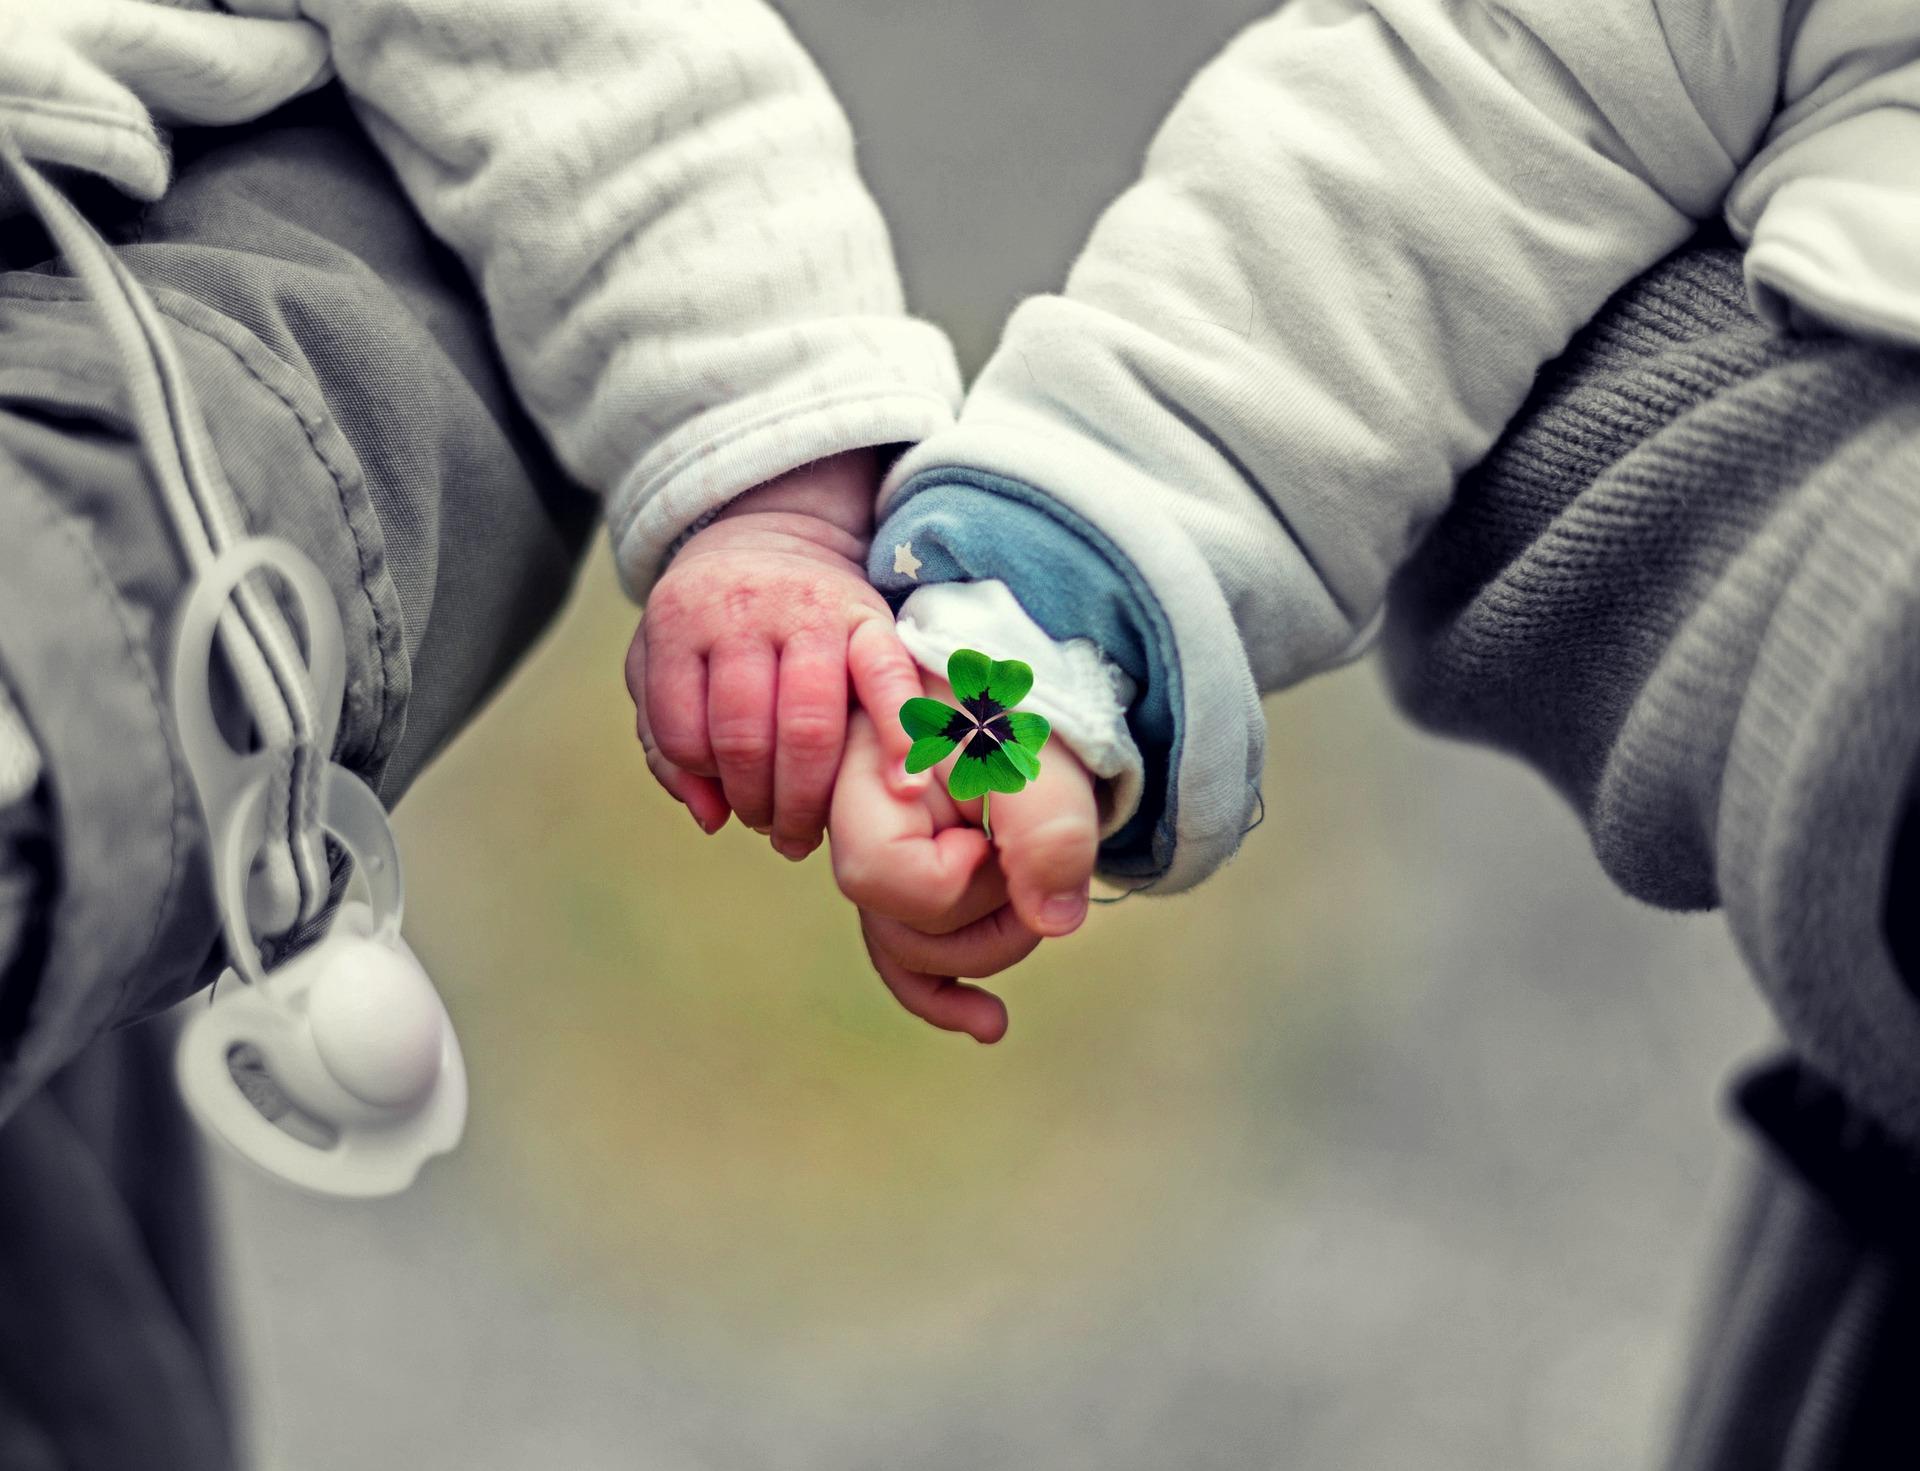 小児がんコミュニティ 手をつなごう。